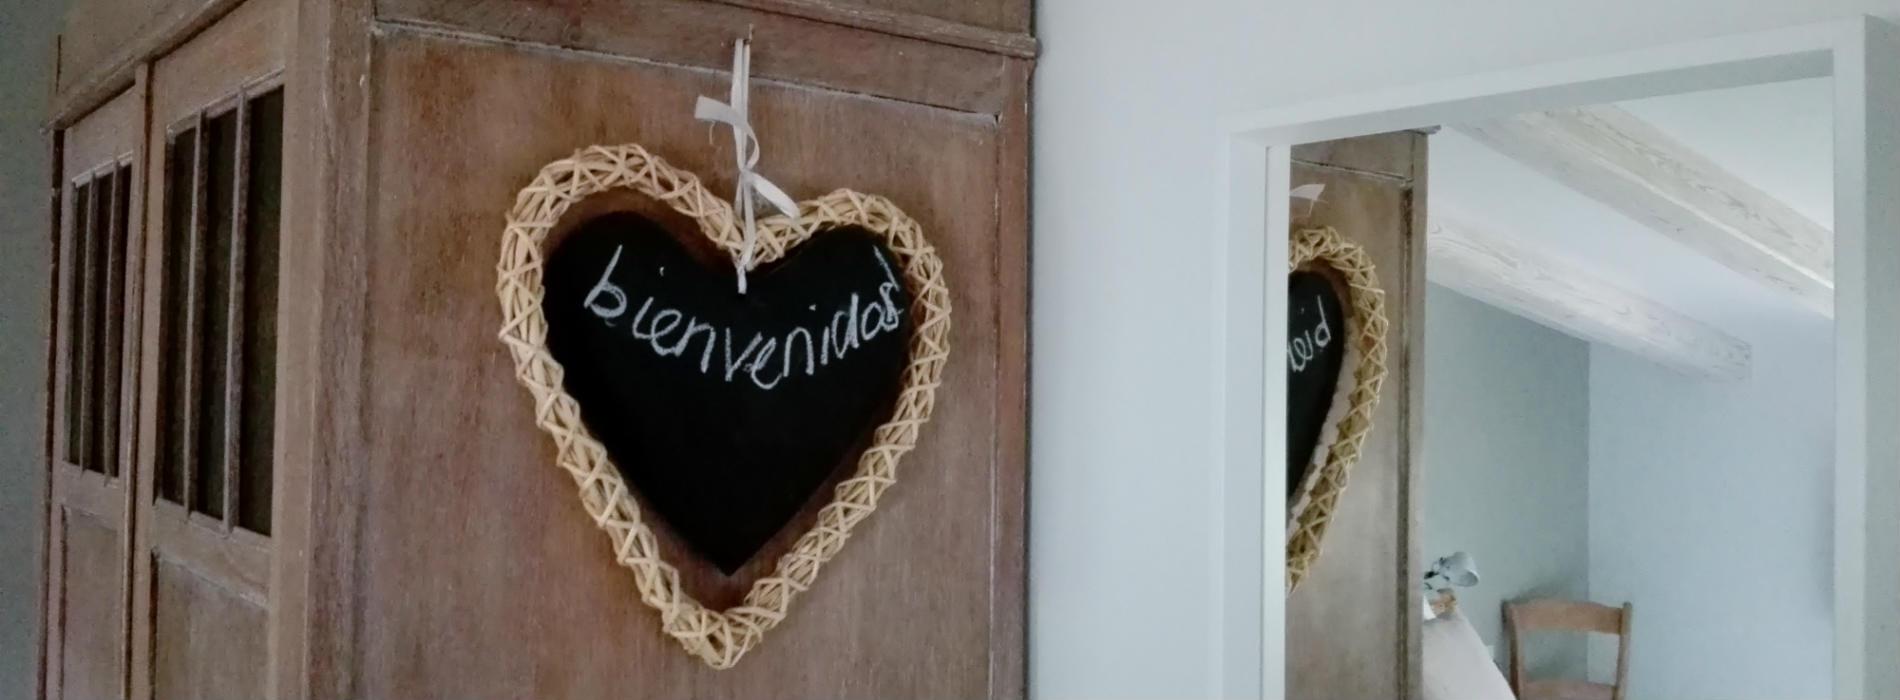 Mas Montbrio Belvedere imagen-2 bienvenidos